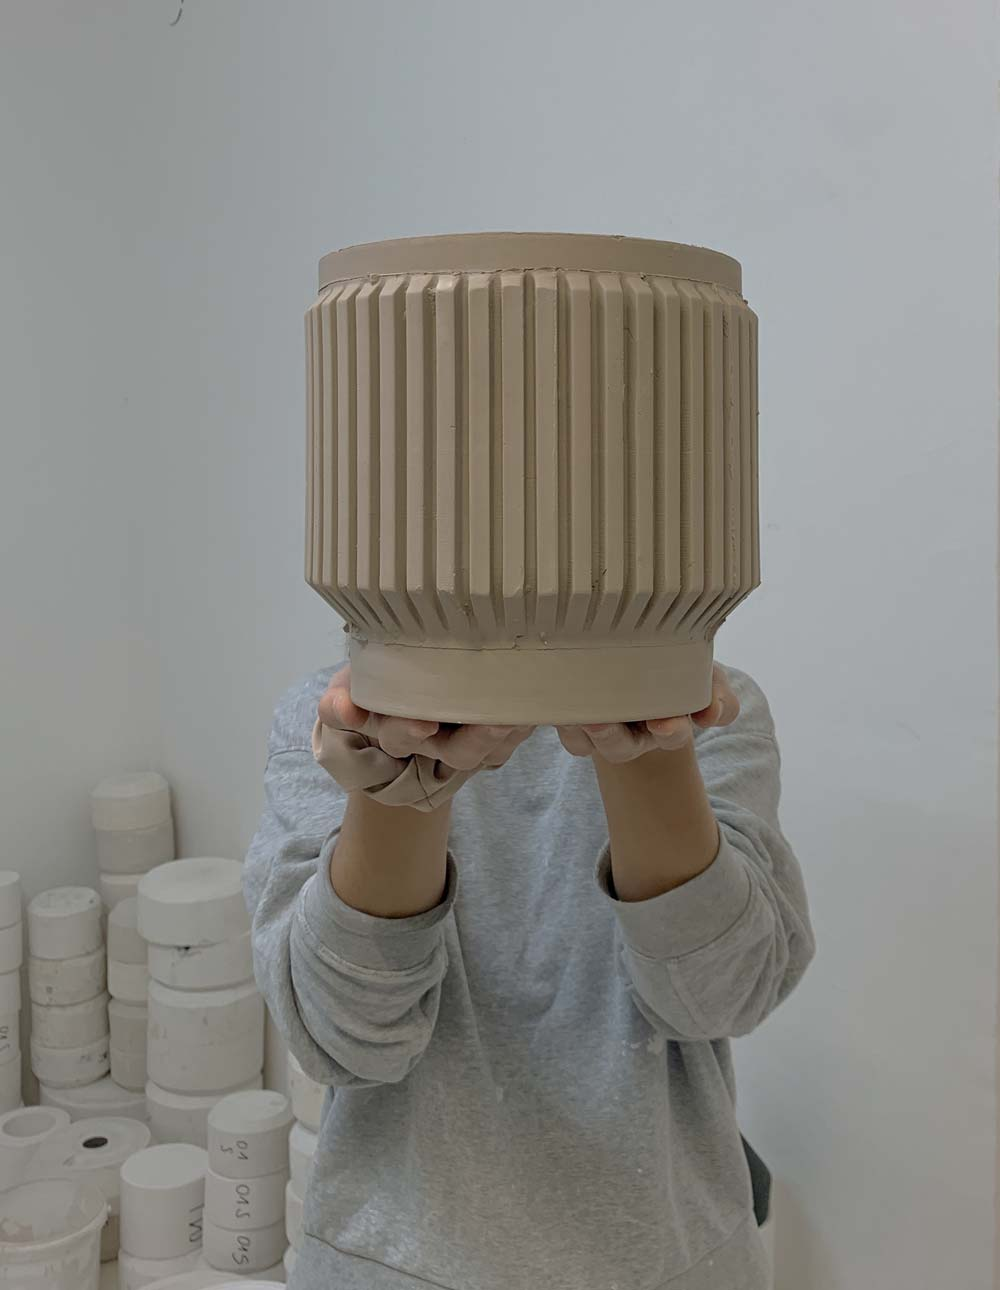 tokiton-plantpot-03